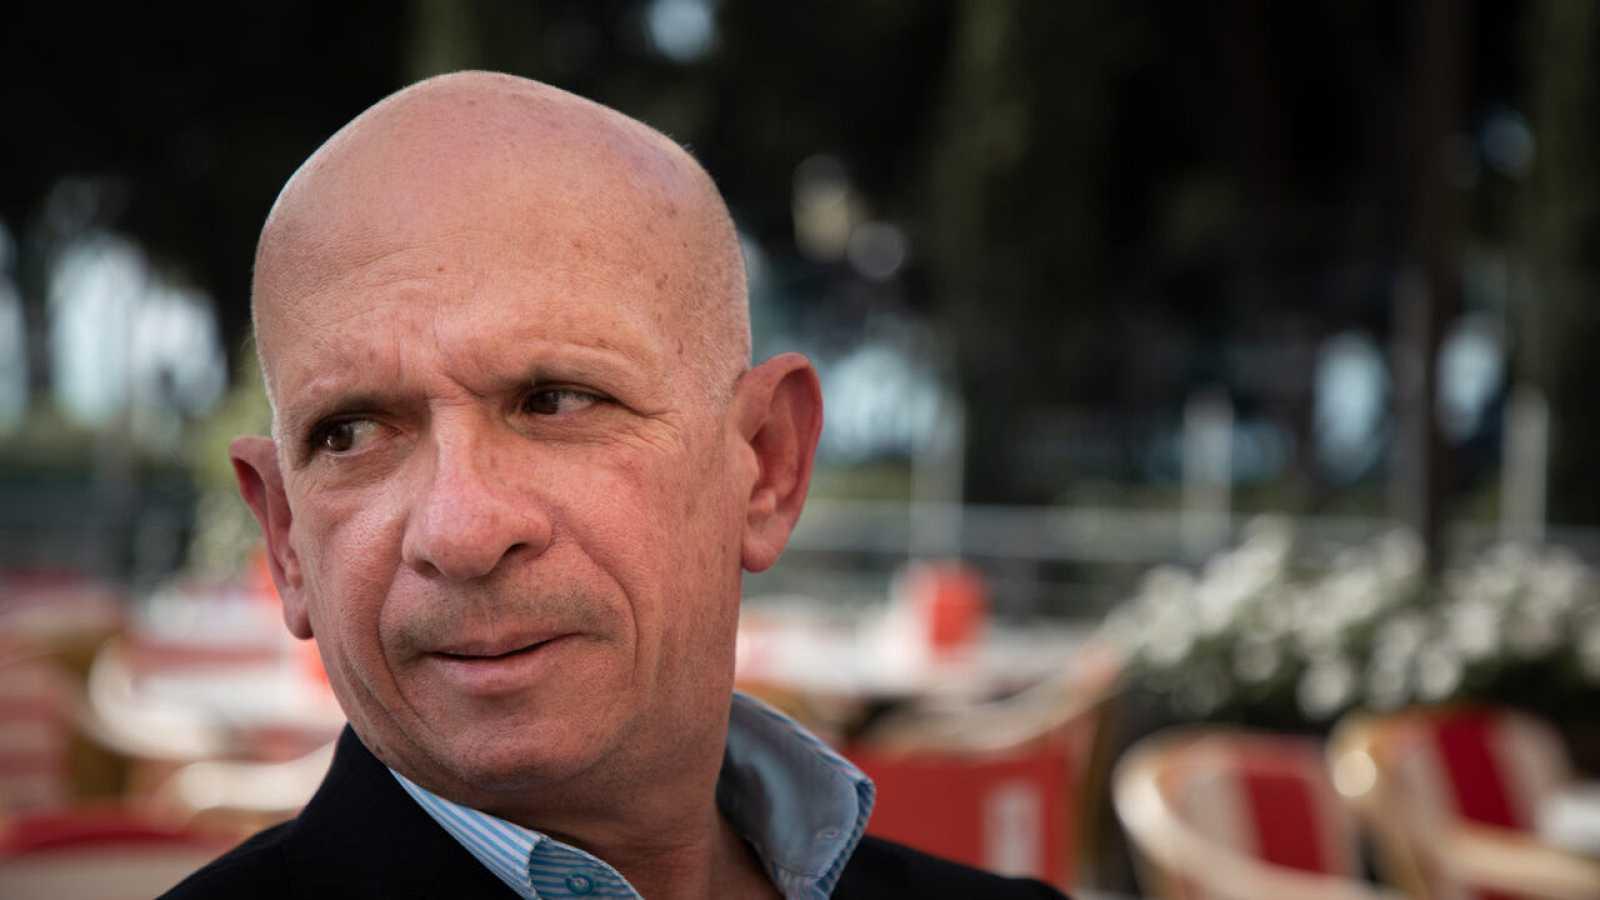 El Gobierno aprueba la extradición de Hugo Carvajal pese a estar en paradero desconocido desde 2019